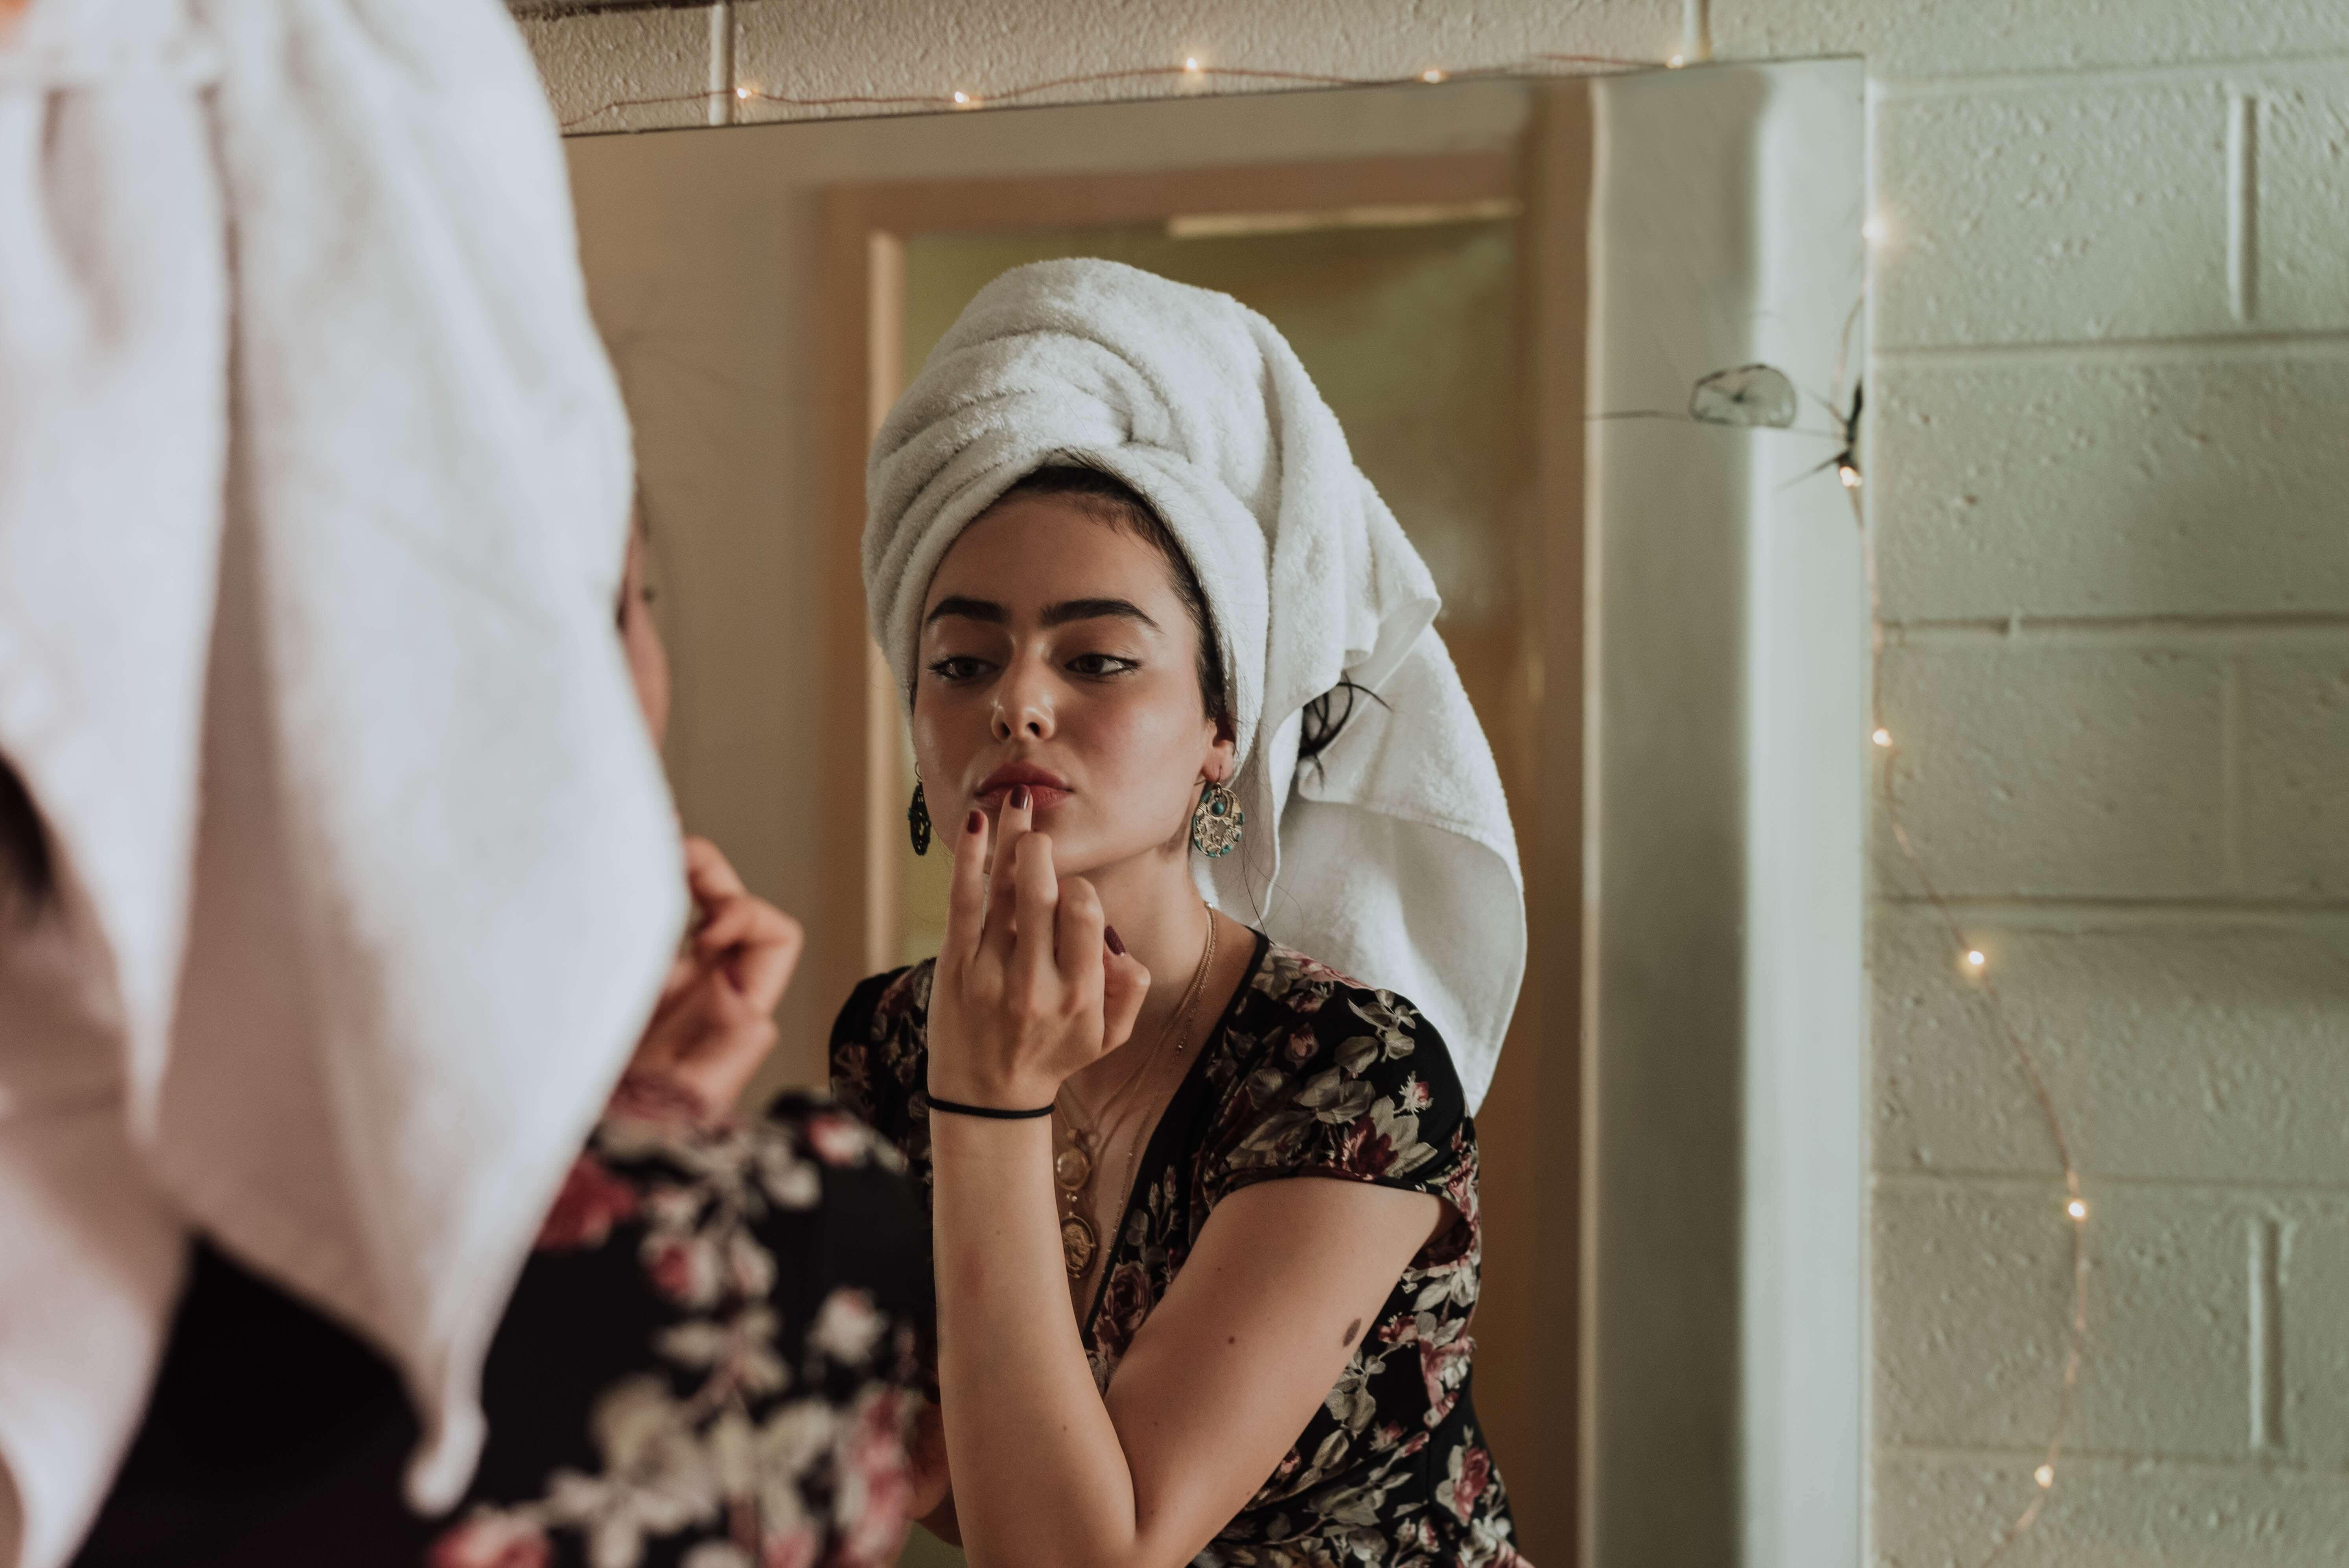 femme devant un miroir qui se maquille